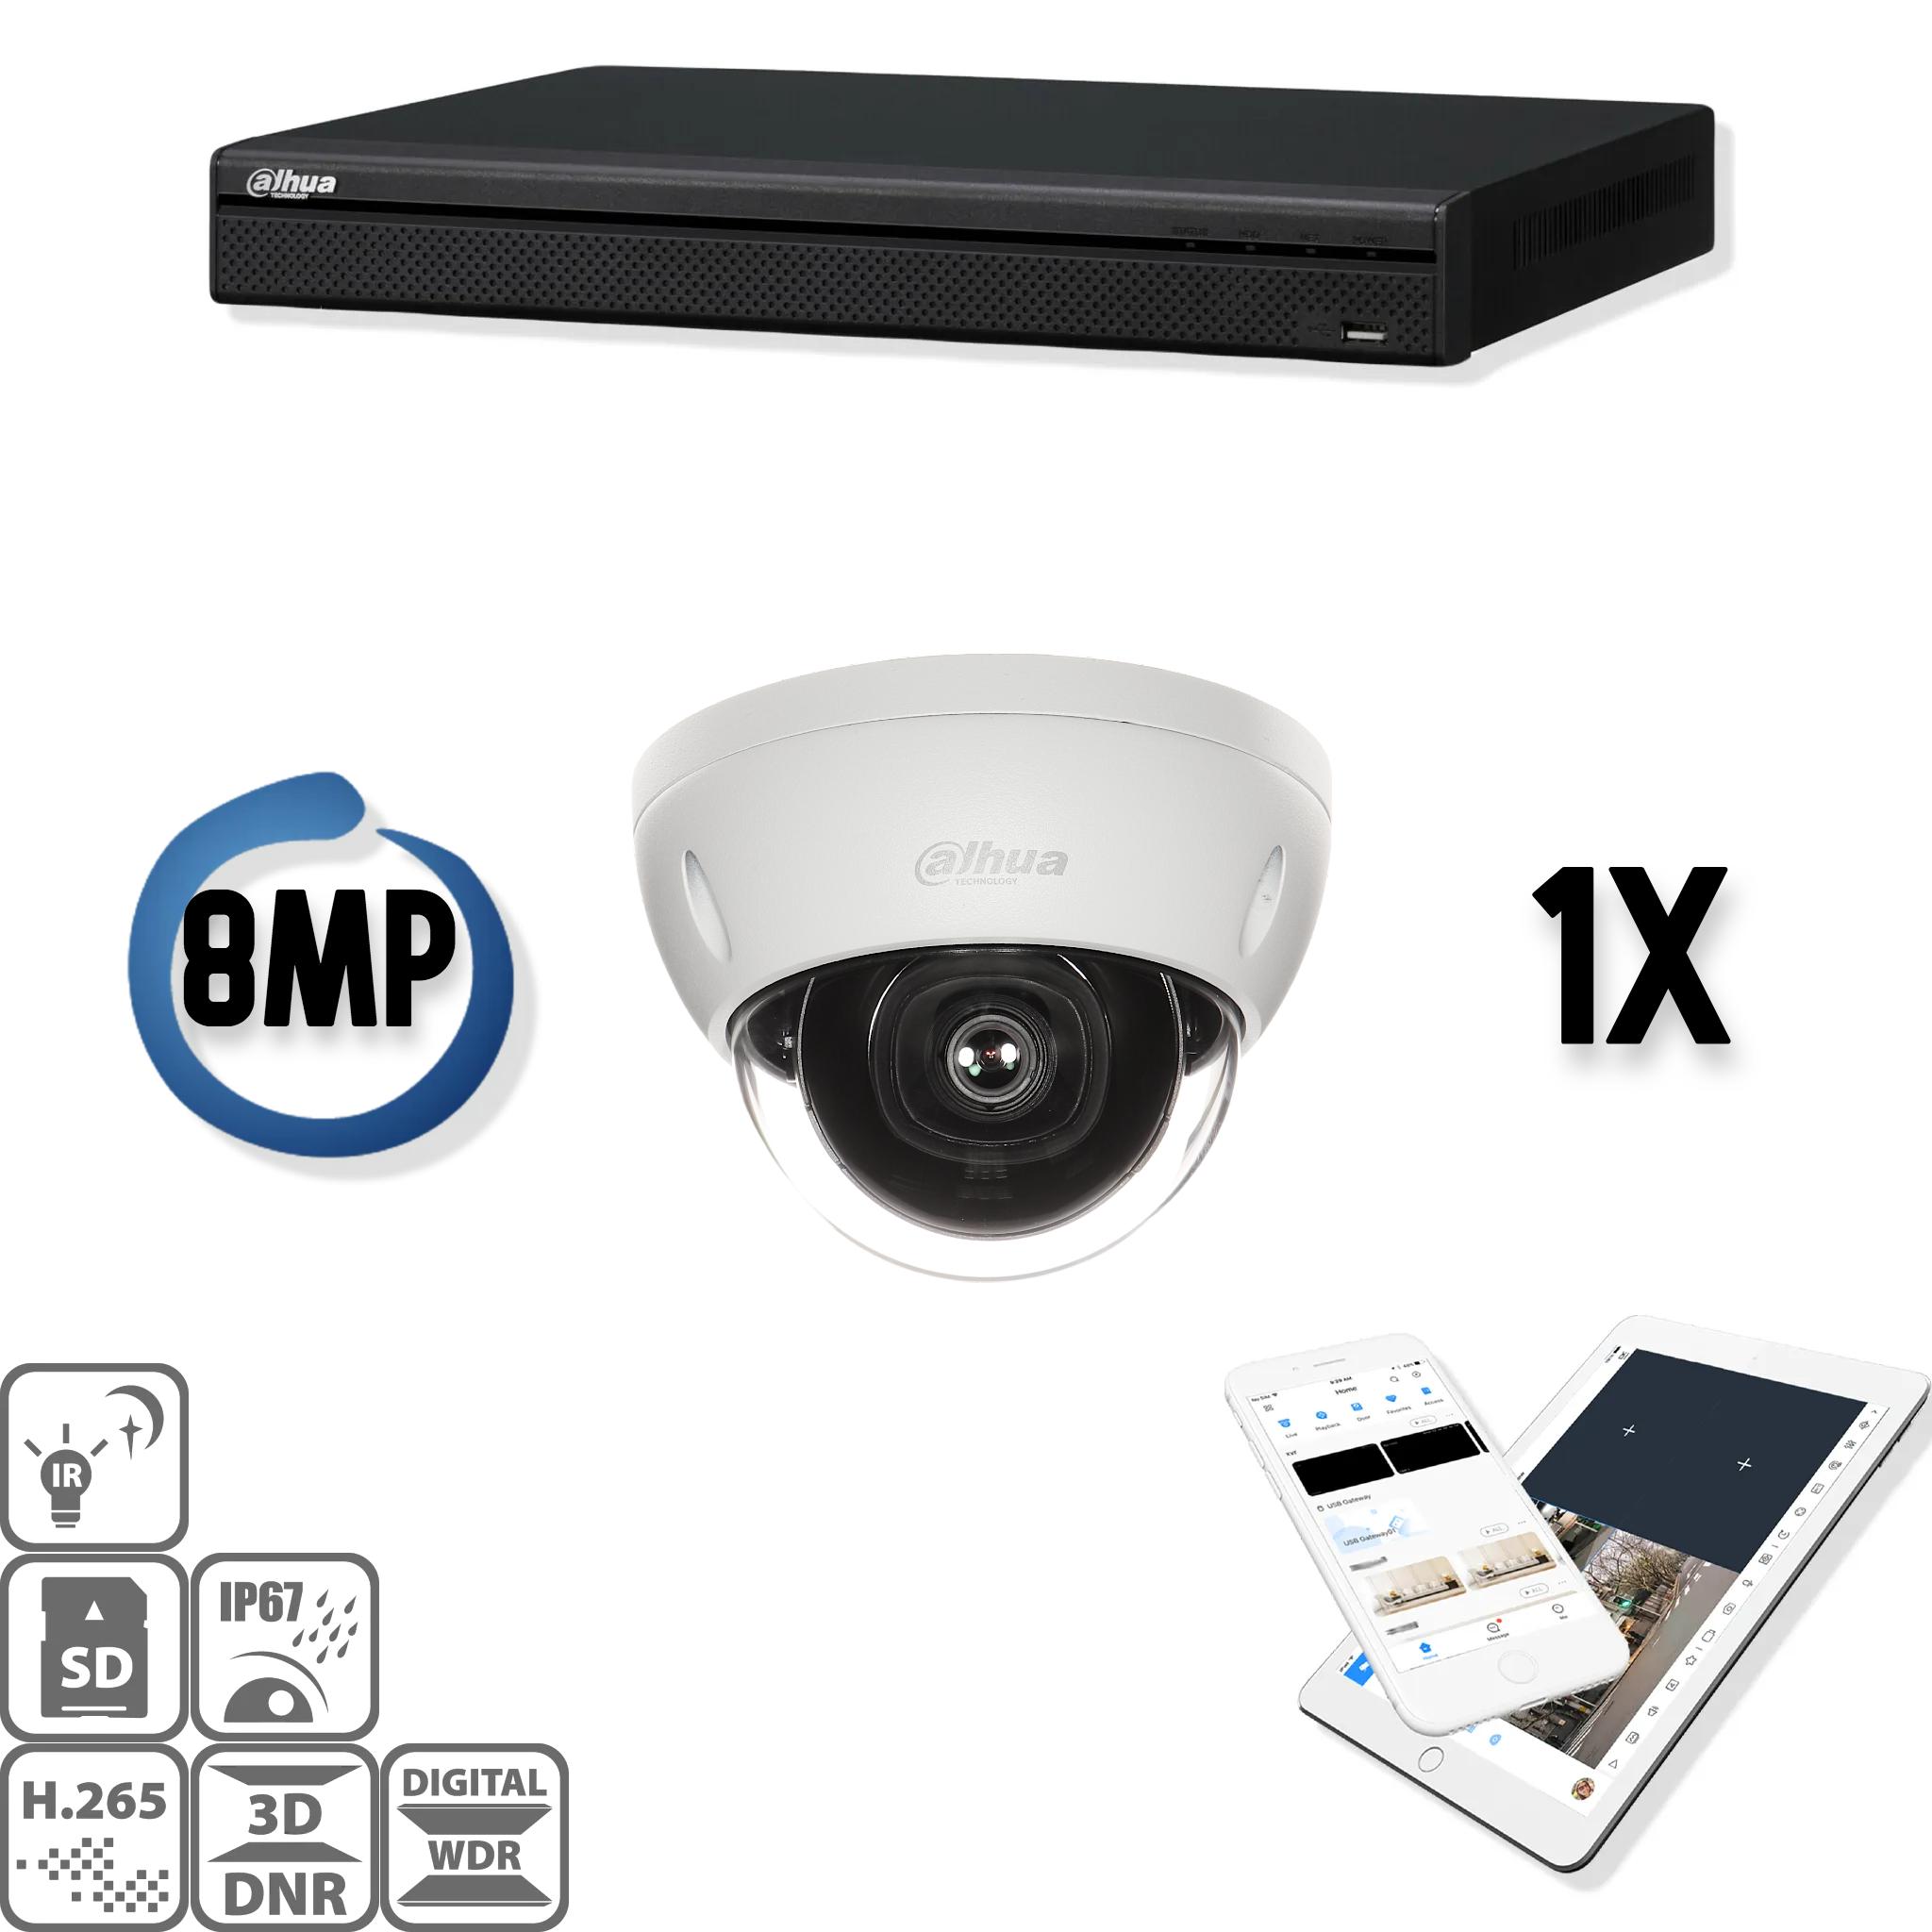 De Dahua IP kit 1x dome 8mp Ultra HD camerabeveiliging set bevat 1 IP dome camera, welke geschikt zijn voor binnen of buiten. De camera heeft een Ultra HD beeldkwaliteit met IR leds voor een perfect zicht bij duisternis. Deze HD IP cameraset levert haarsc